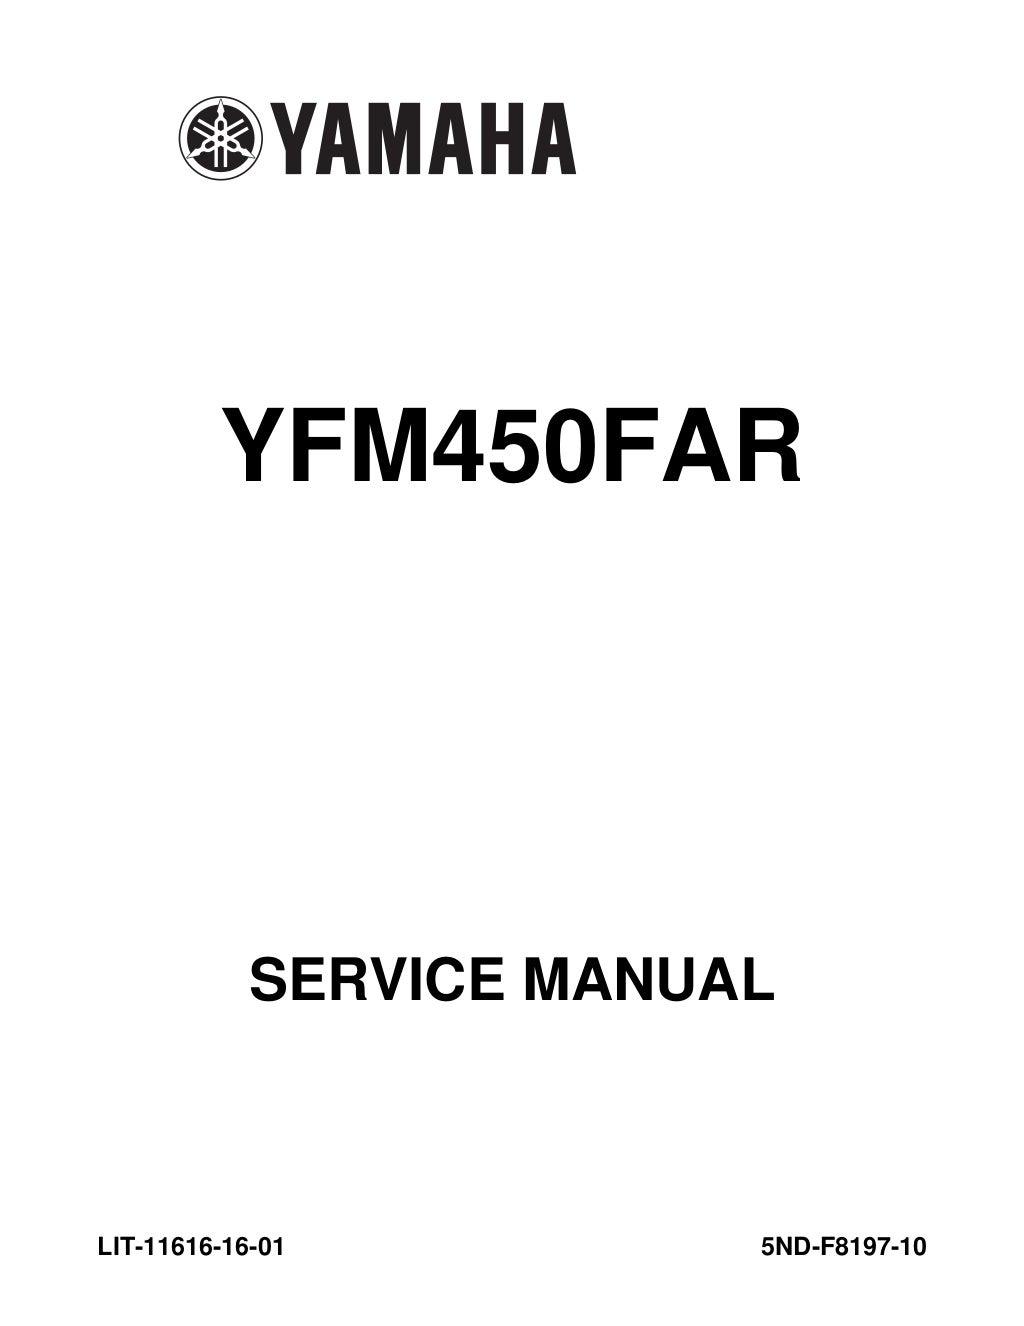 2003 Yamaha YFM450FAR Kodiak 450 4x4 Ultramatic Service